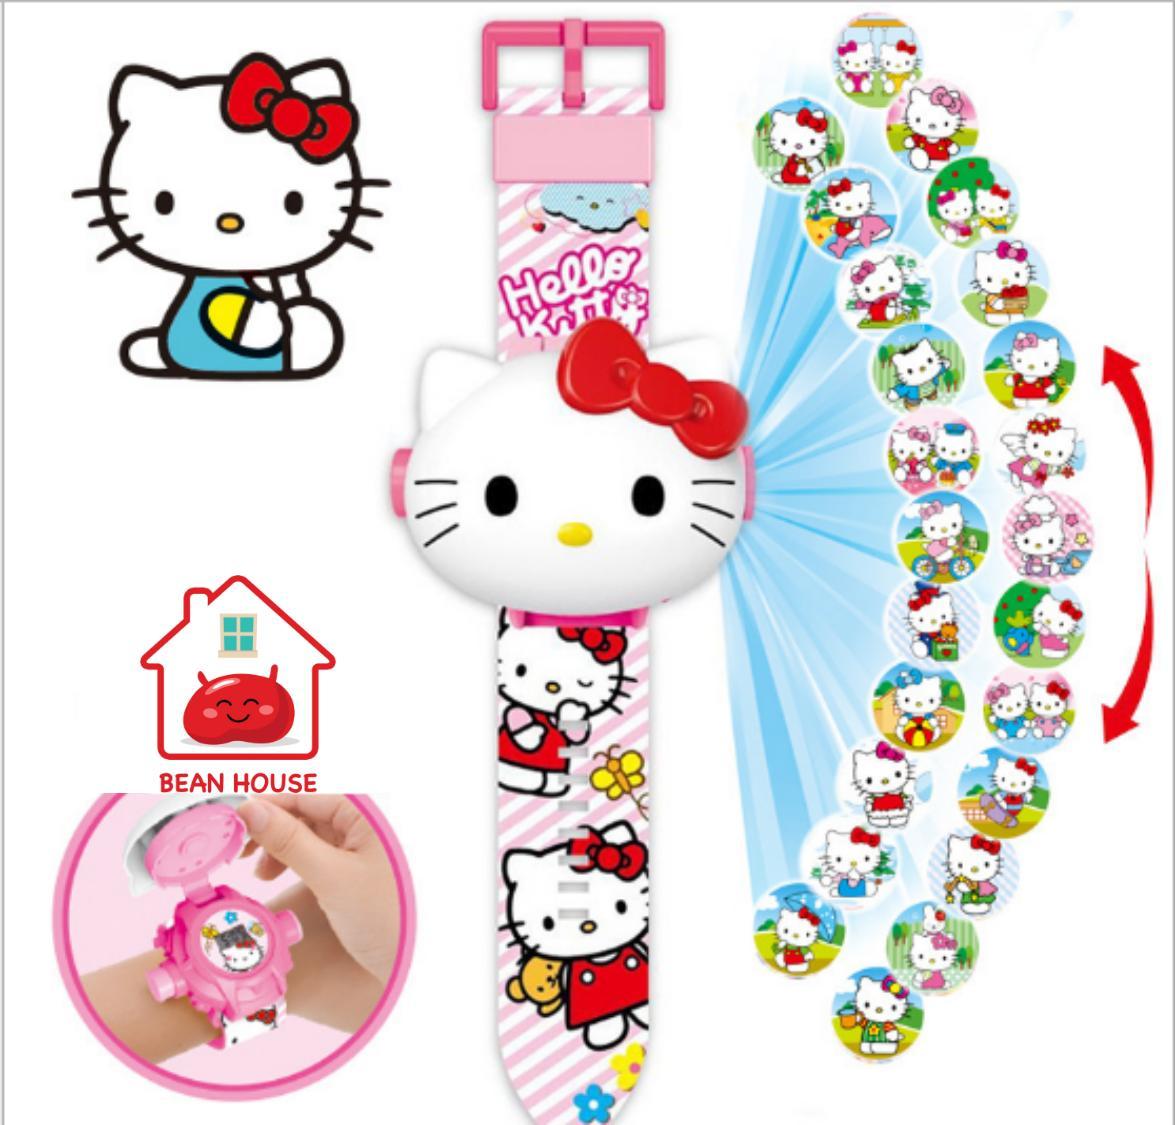 Đồng hồ chiếu 24 hình mèo Kitty Siêu Đáng Yêu bán chạy